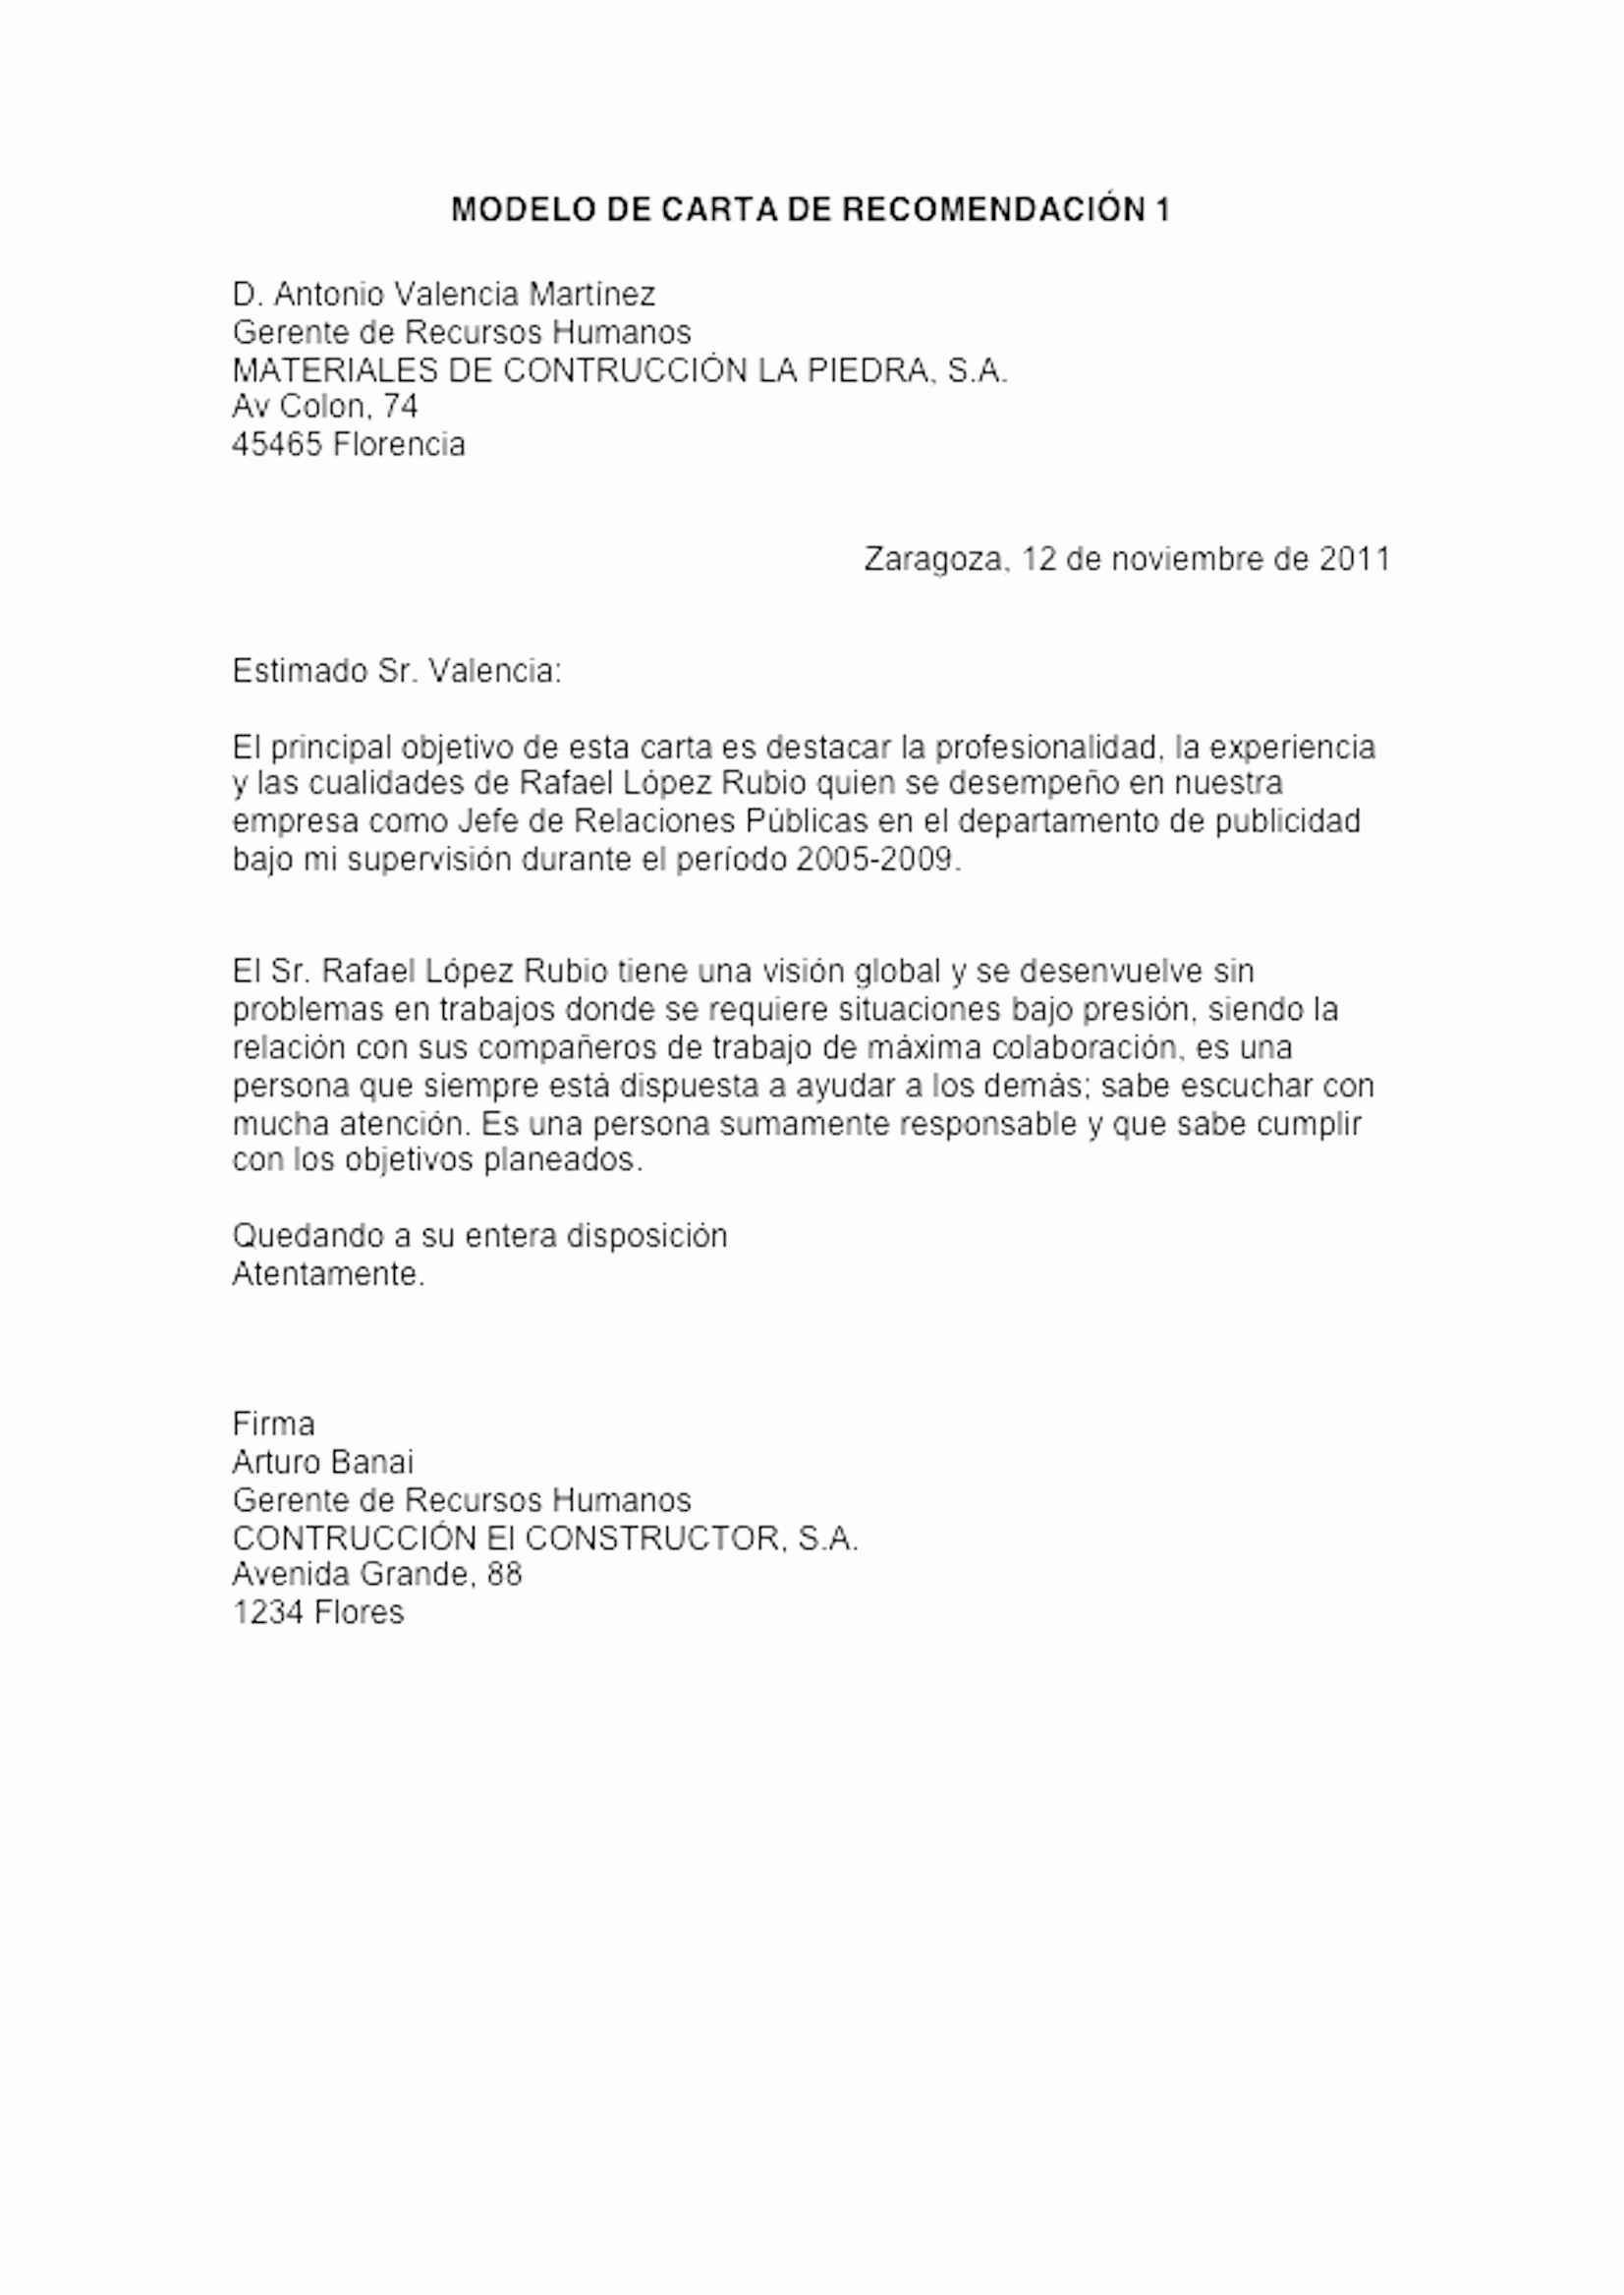 Machote Carta De Recomendacion Personal Unique Resultado De Imagen Para Carta De Re Endacion Machote